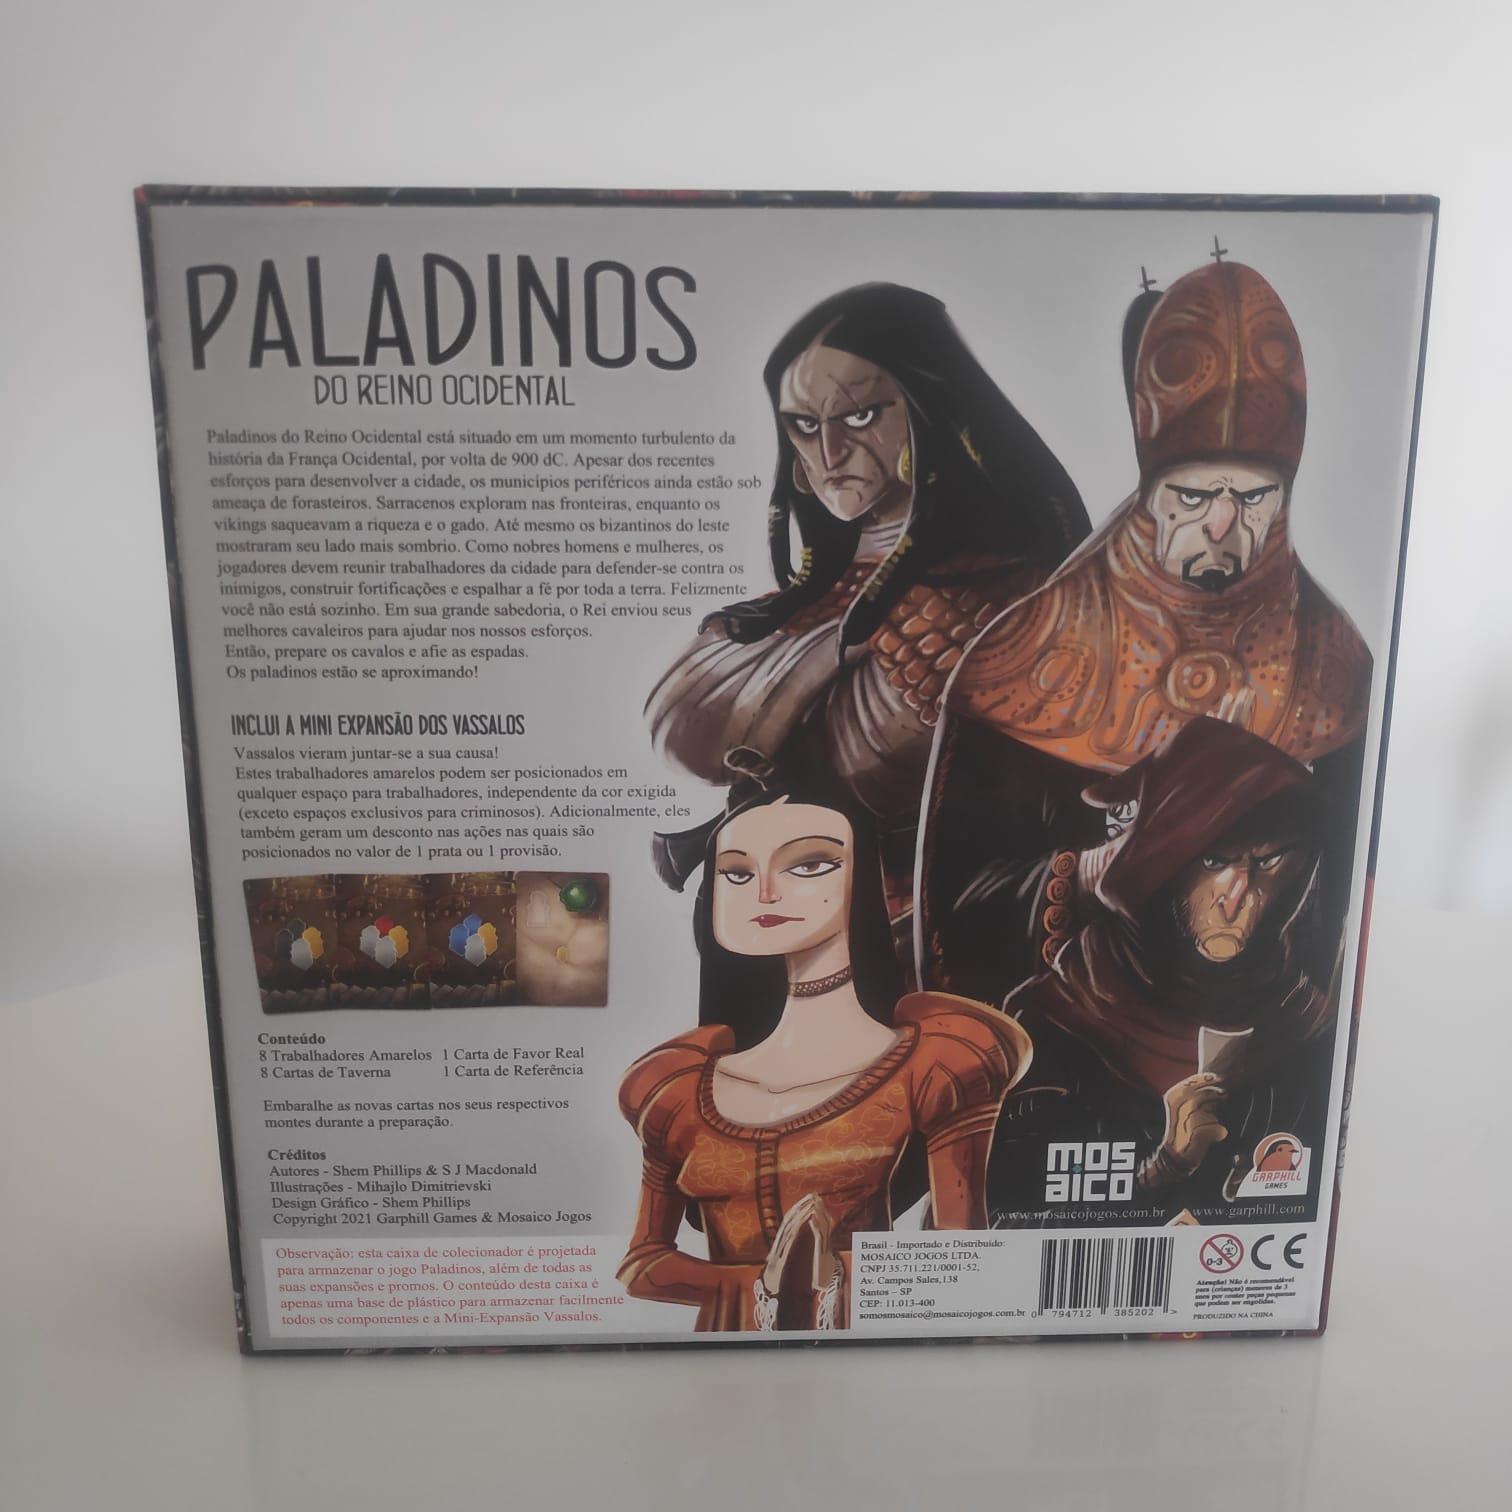 Paladinos - Big Box - BAZAR DOS ALQUIMISTAS